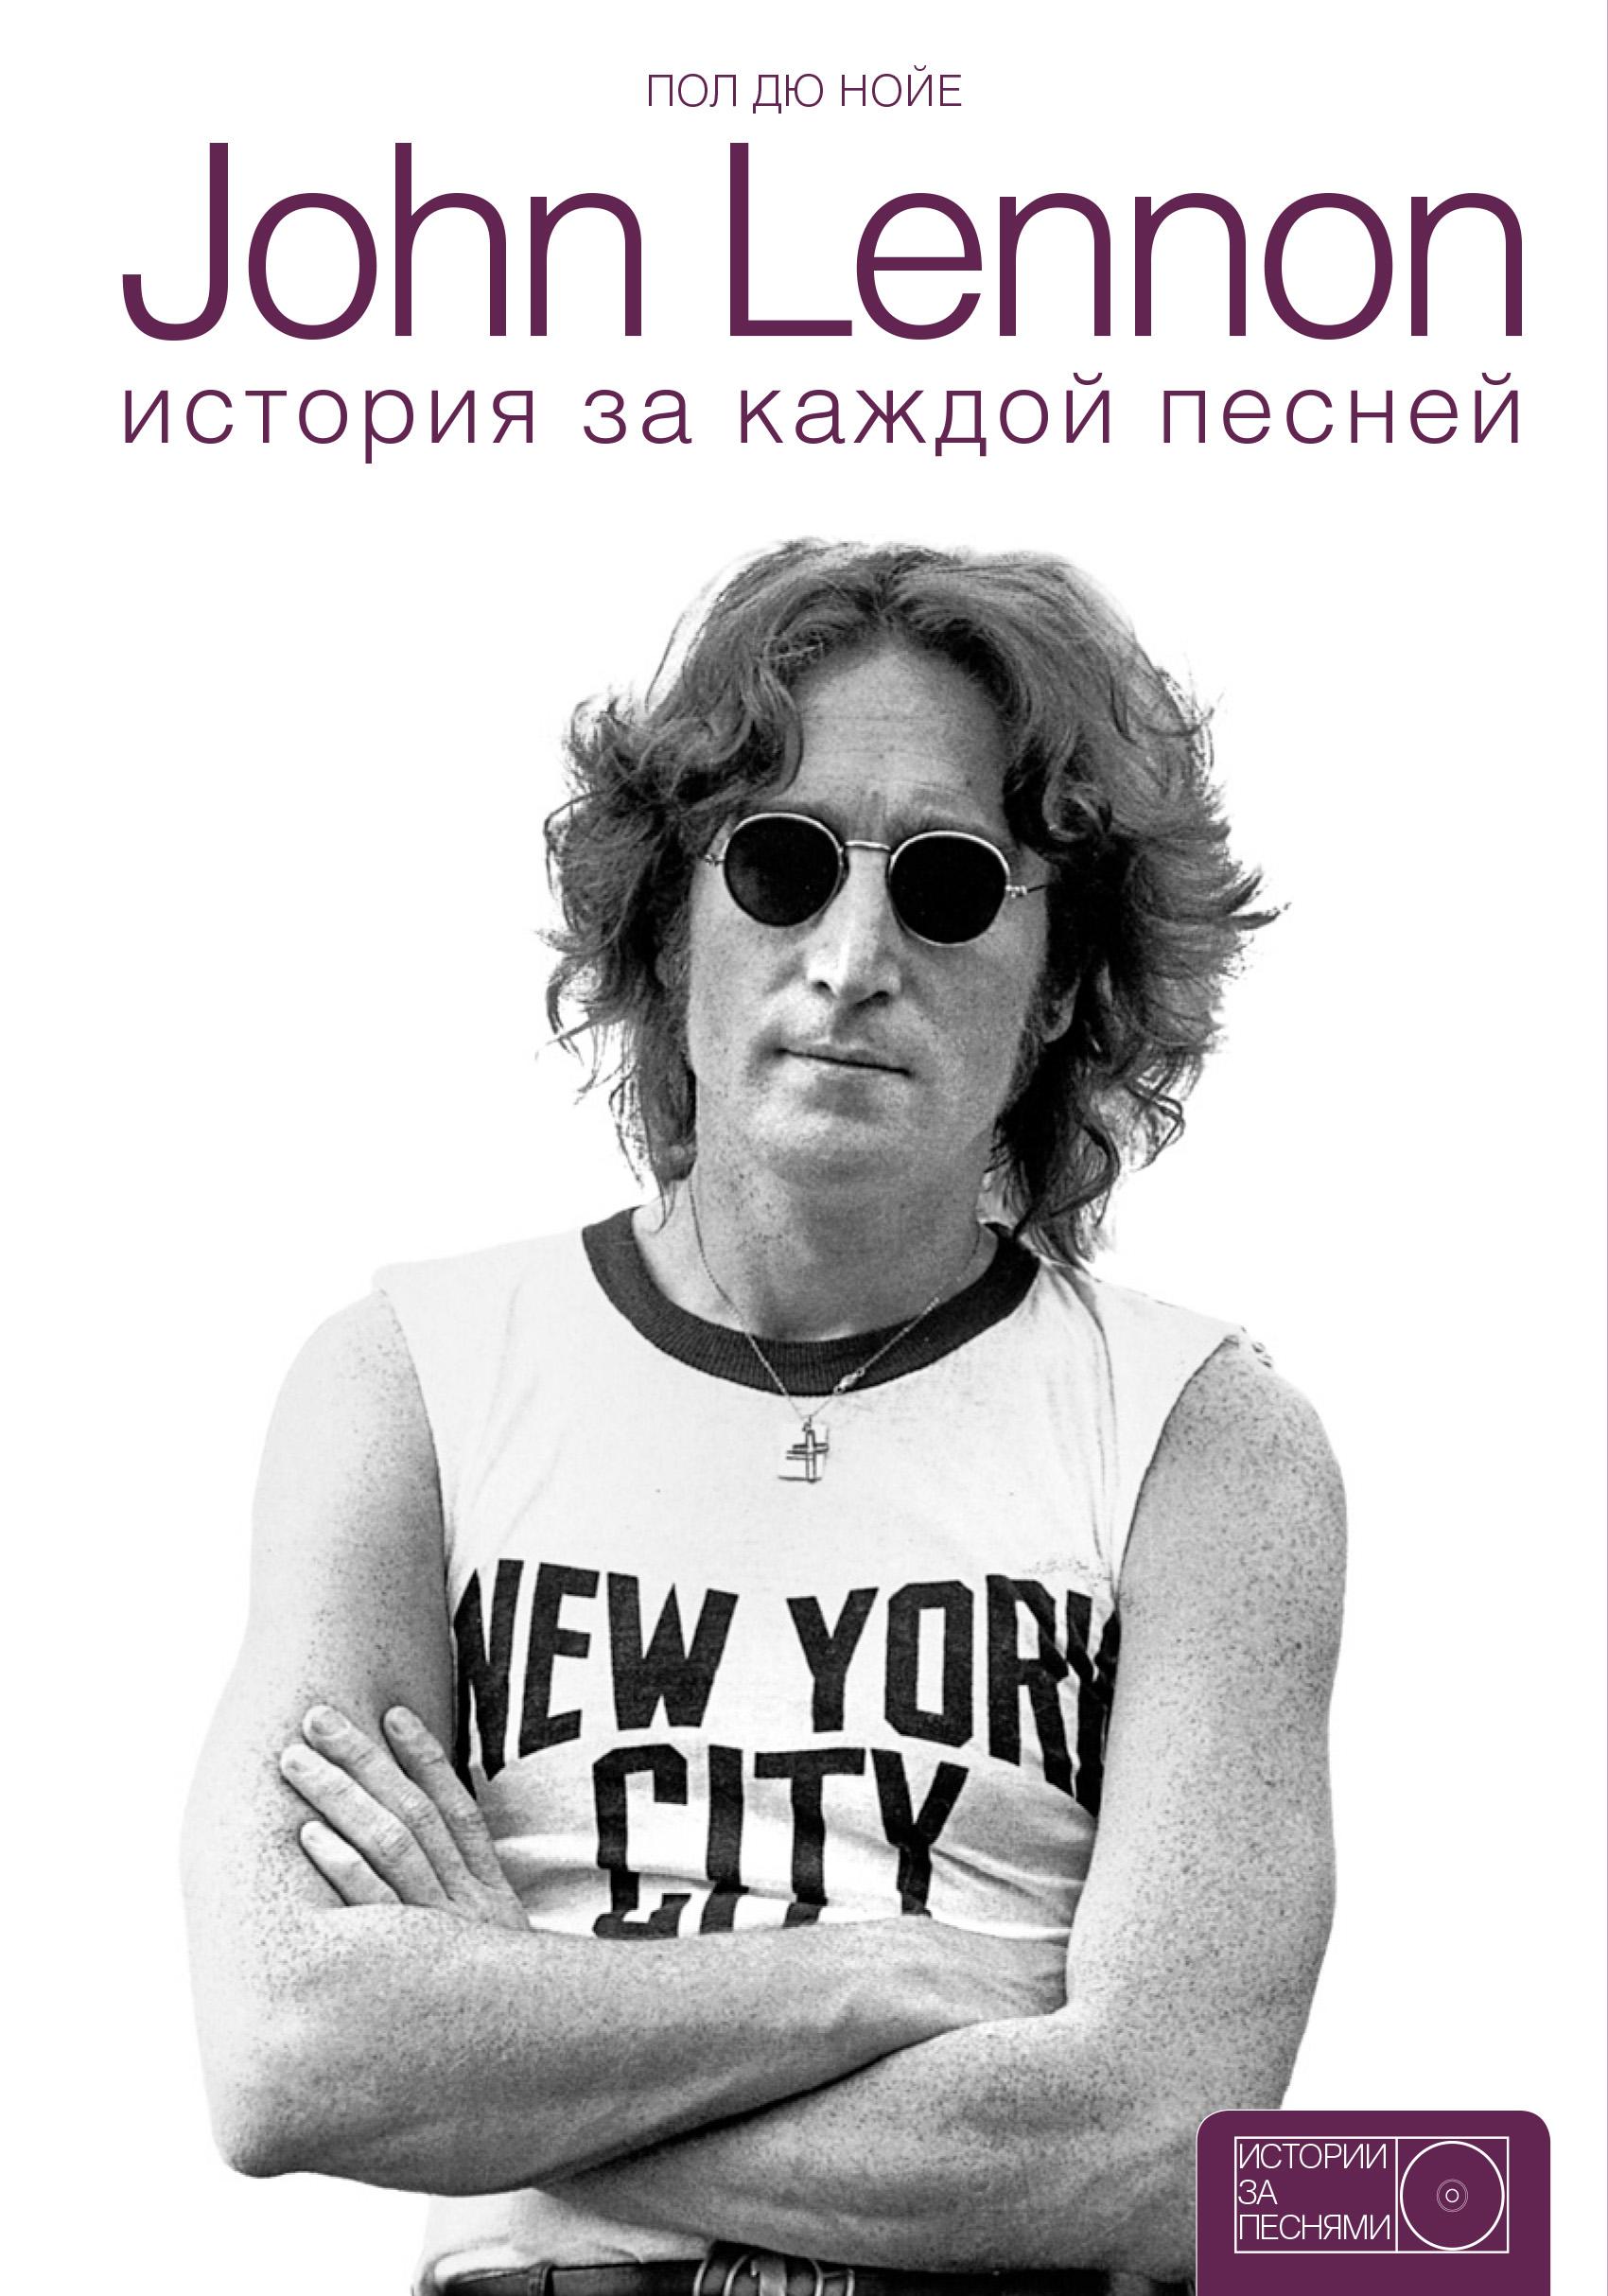 все цены на Пол Дю Нойе John Lennon. История за песнями онлайн